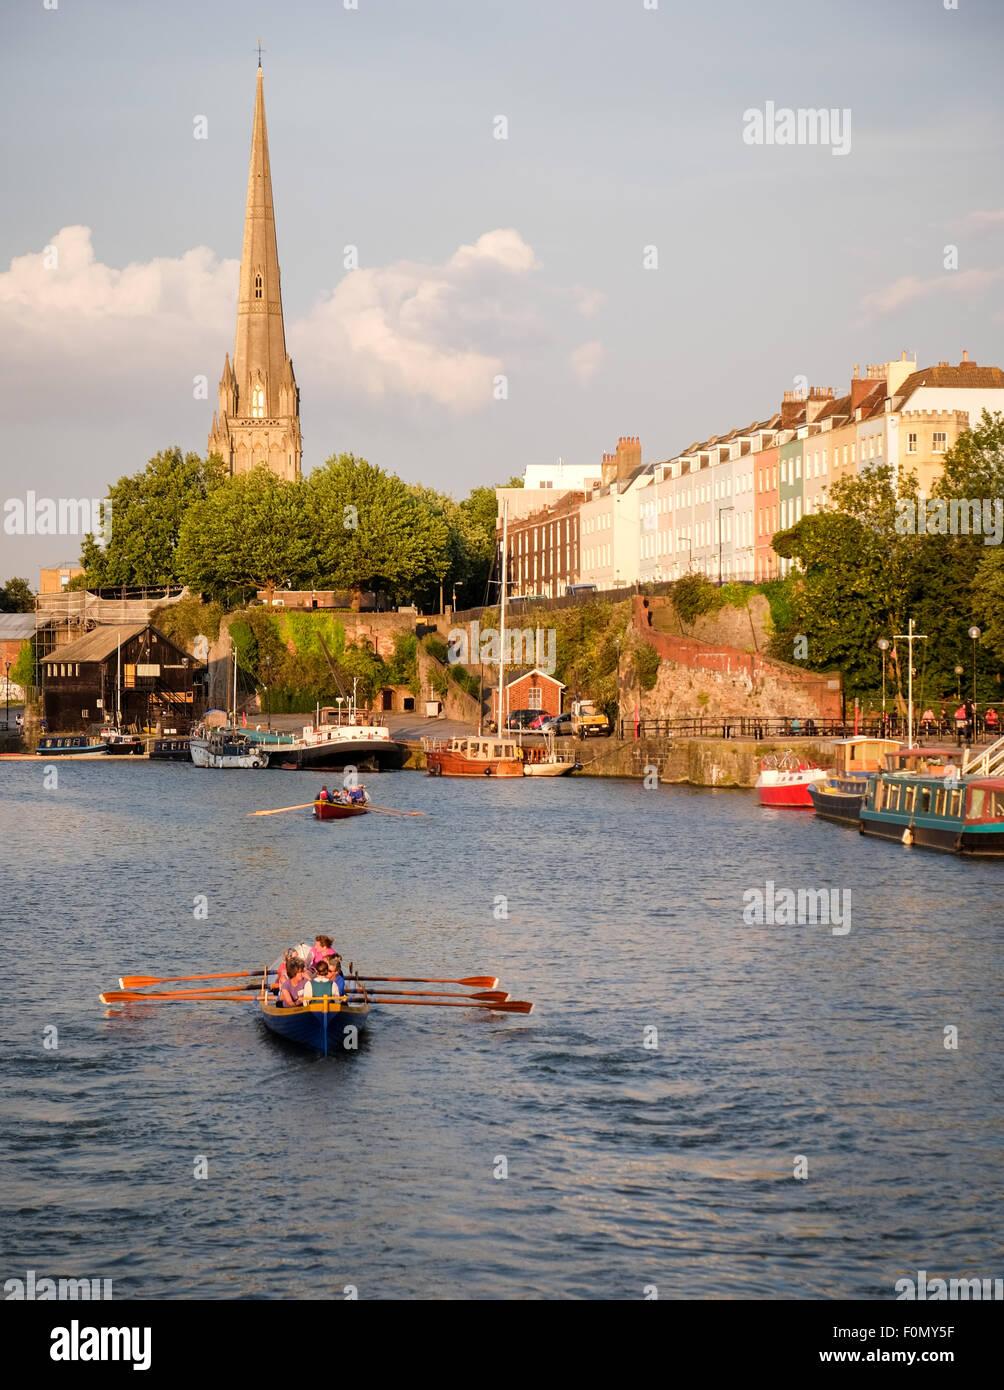 Vue de Redcliffe comme rameurs gig rangée sur le port flottant à Bristol dans la lumière du soleil du soir Banque D'Images